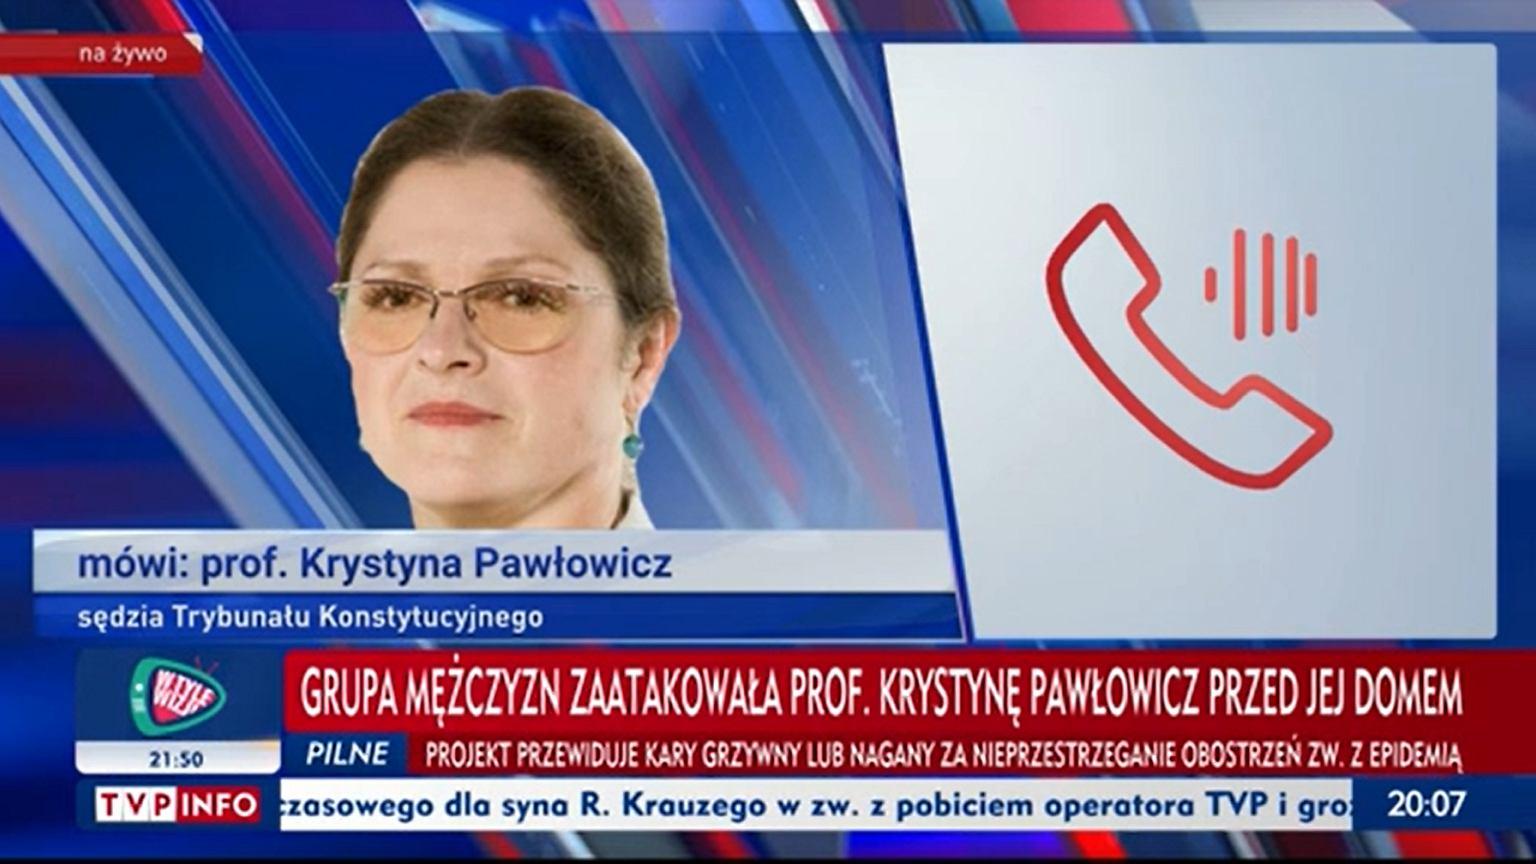 Krystyna Paw